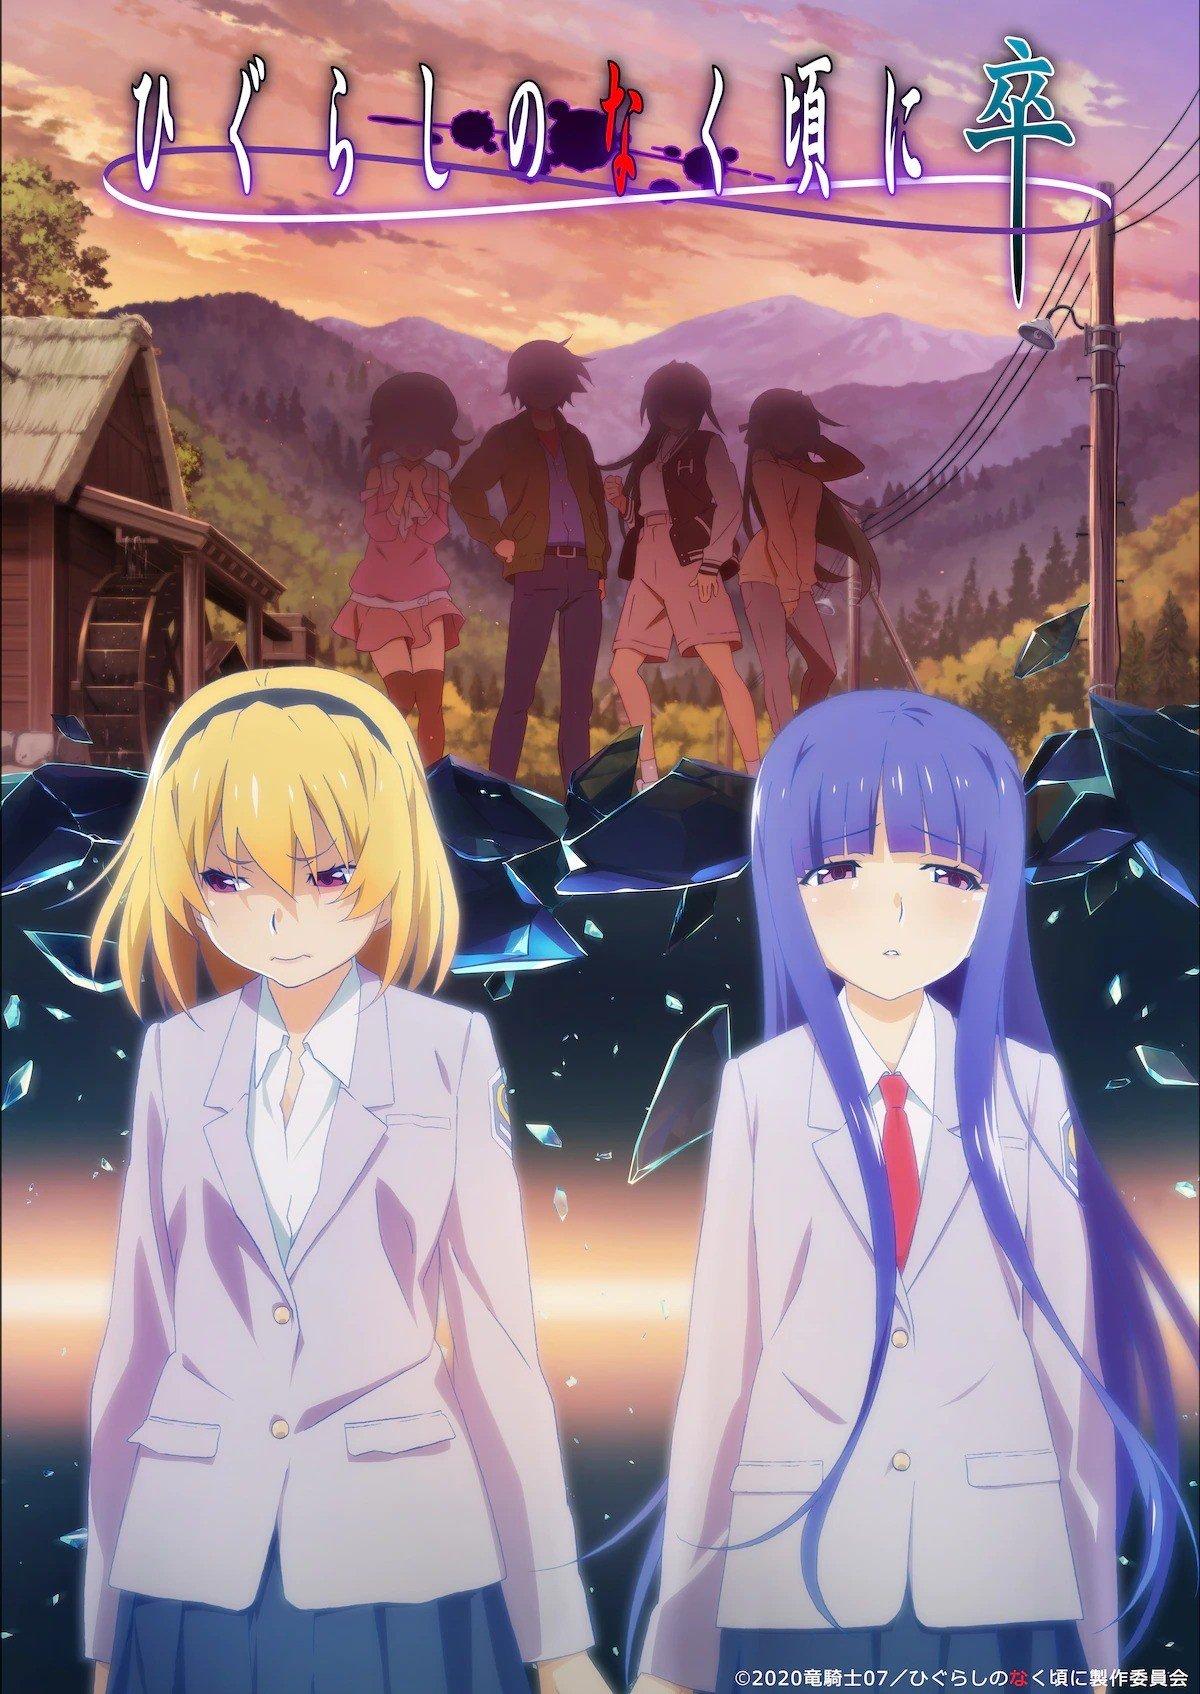 Imagen promocional oficial de 'Higurashi no Naku Koro ni Sotsu' con Rika y Satoko tomadas de la mano mientras al fondo se ven los fragmentos de la realidad y sus amigos.